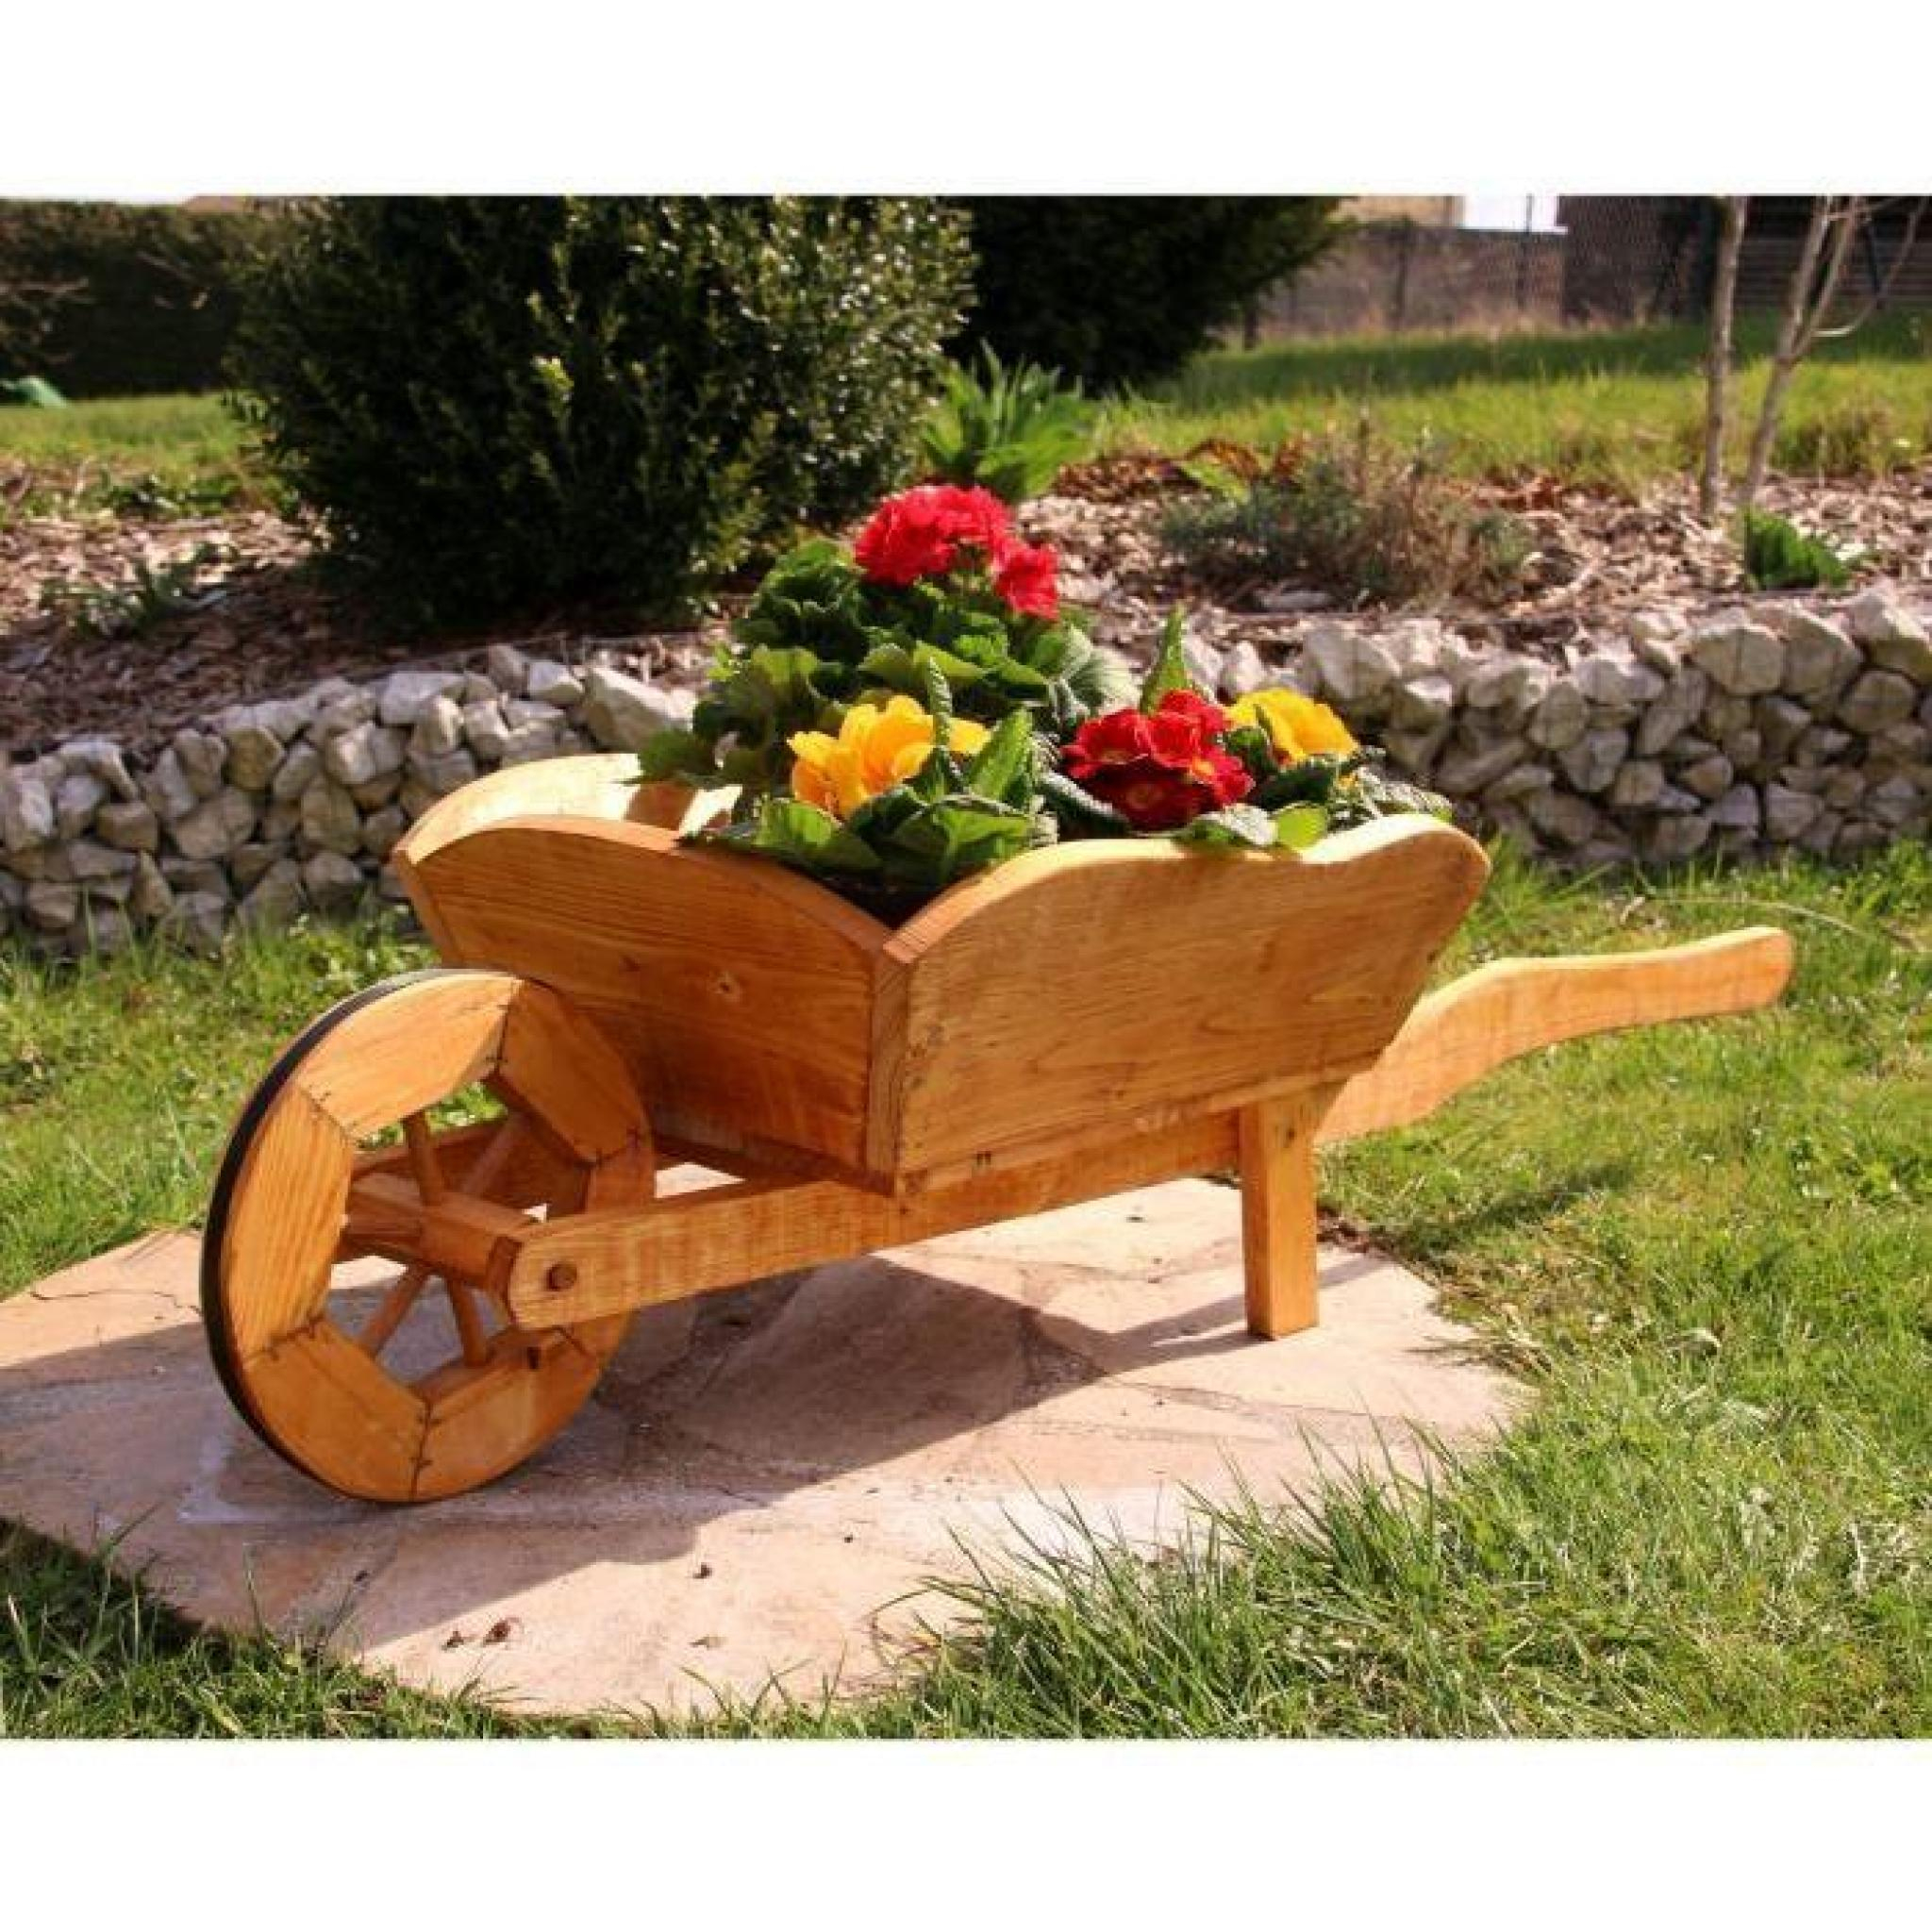 Brouette Fleurs Diable Brouette En Bois Typ 1 Moyen intérieur Brouette Décorative Pour Jardin